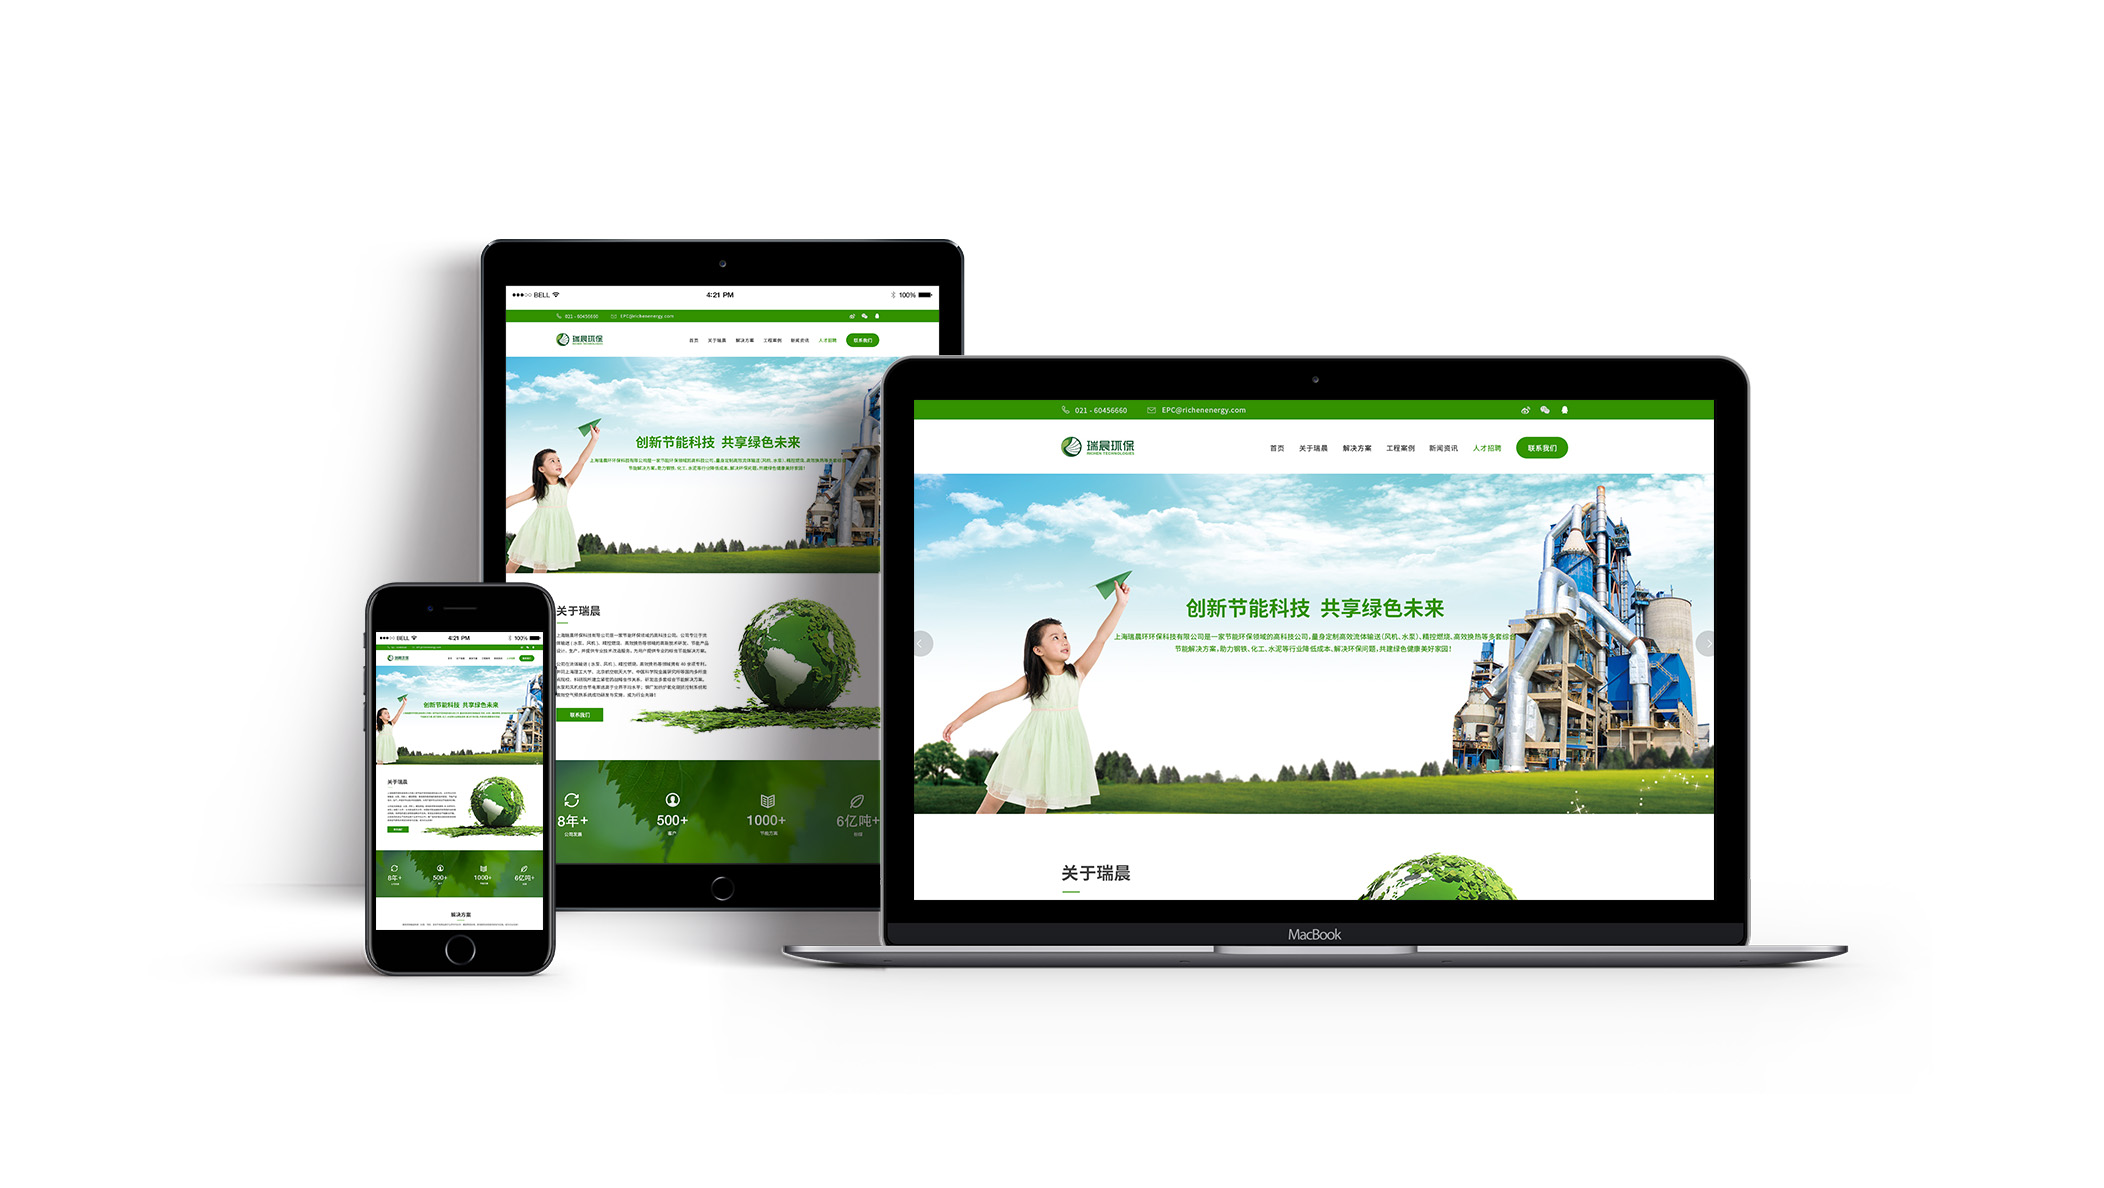 瑞晨环保科技公司响应式网站策划设计建设